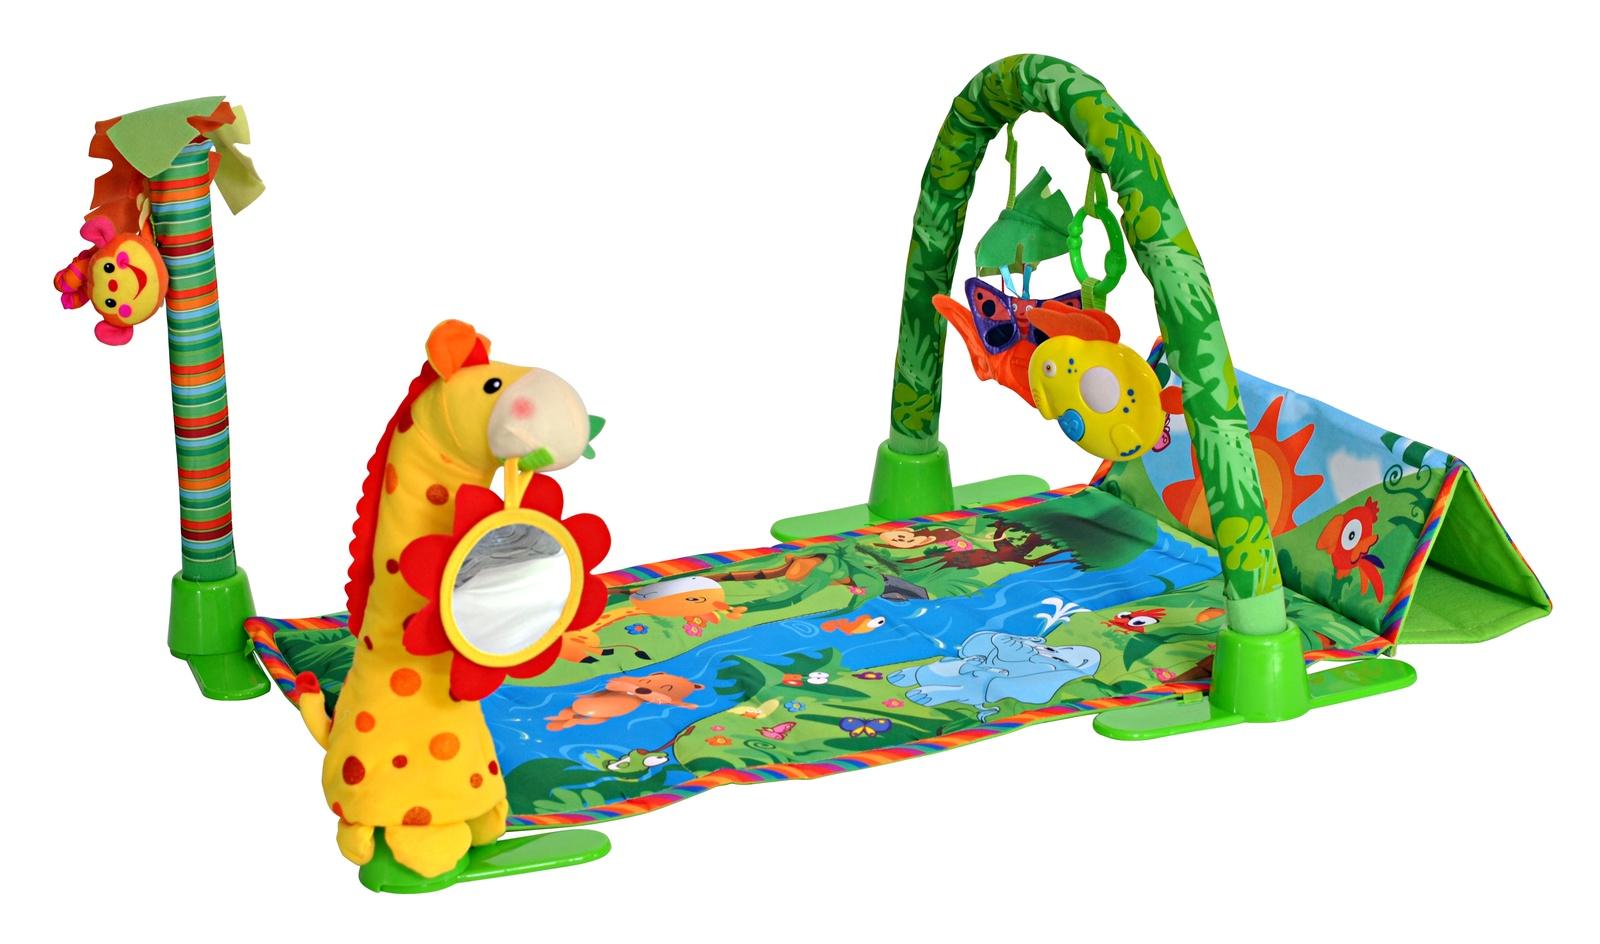 развивающий коврик everflo jungle hs0368150 8151 orange Развивающий коврик Everflo, Райский сад, ПП100004252